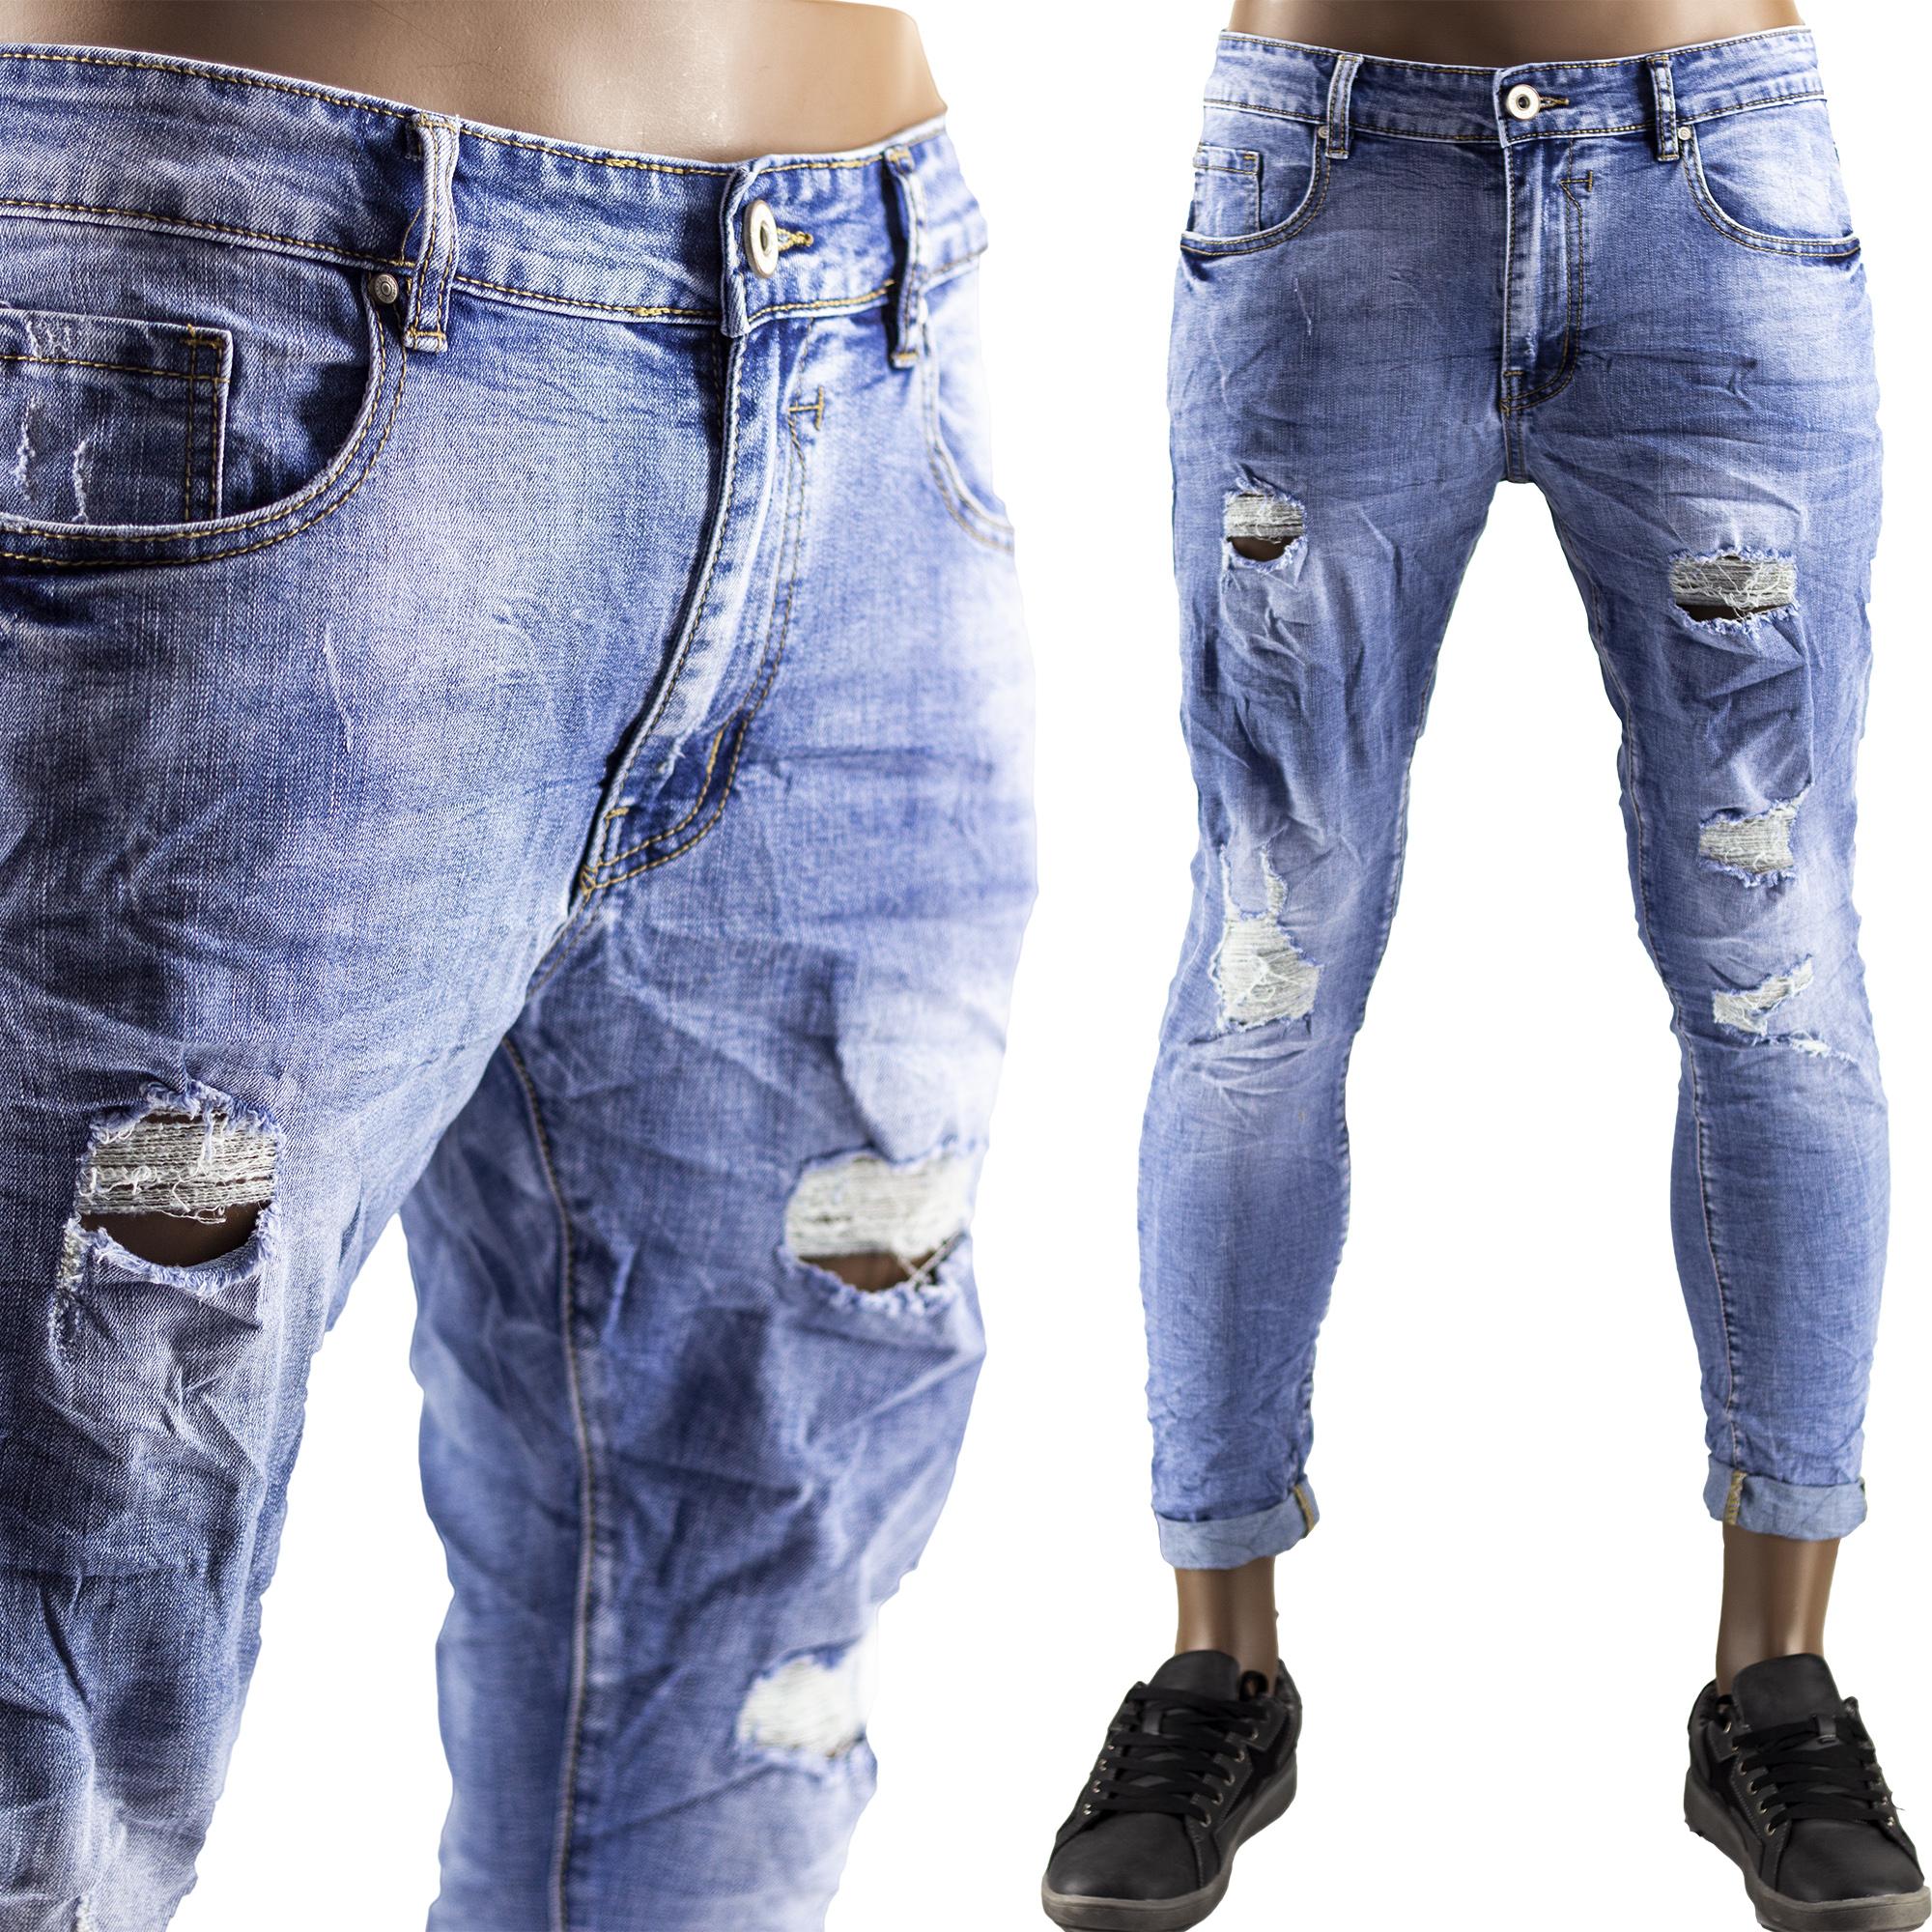 scarpe sportive 51192 c88f3 Pantaloni Jeans Uomo Slim Strappati Elasticizzati Strappi Gambe Stile Blu  Chiaro